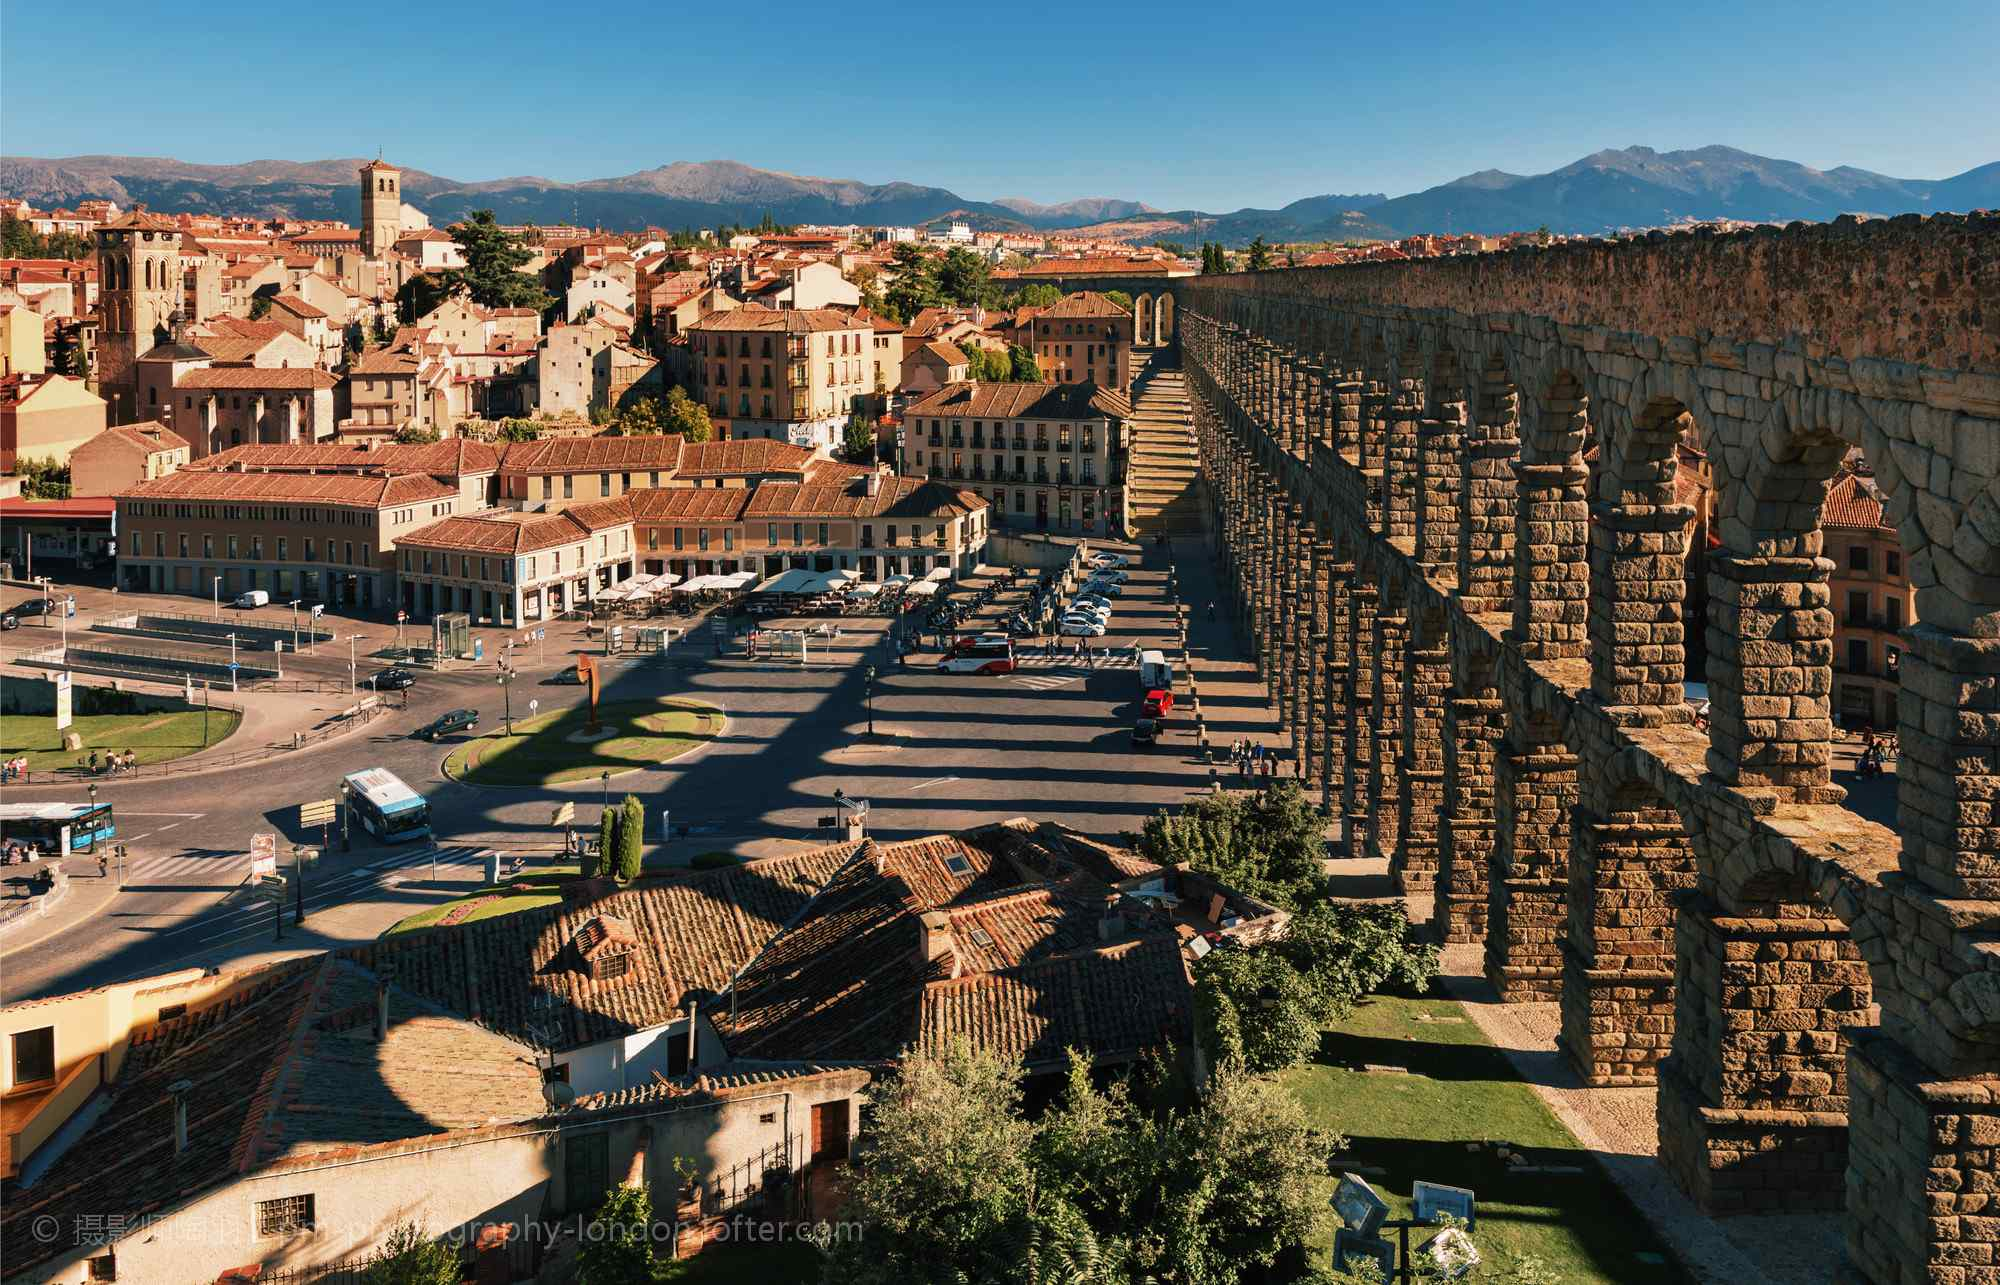 西班牙Avila保存完好的古城桌面壁纸